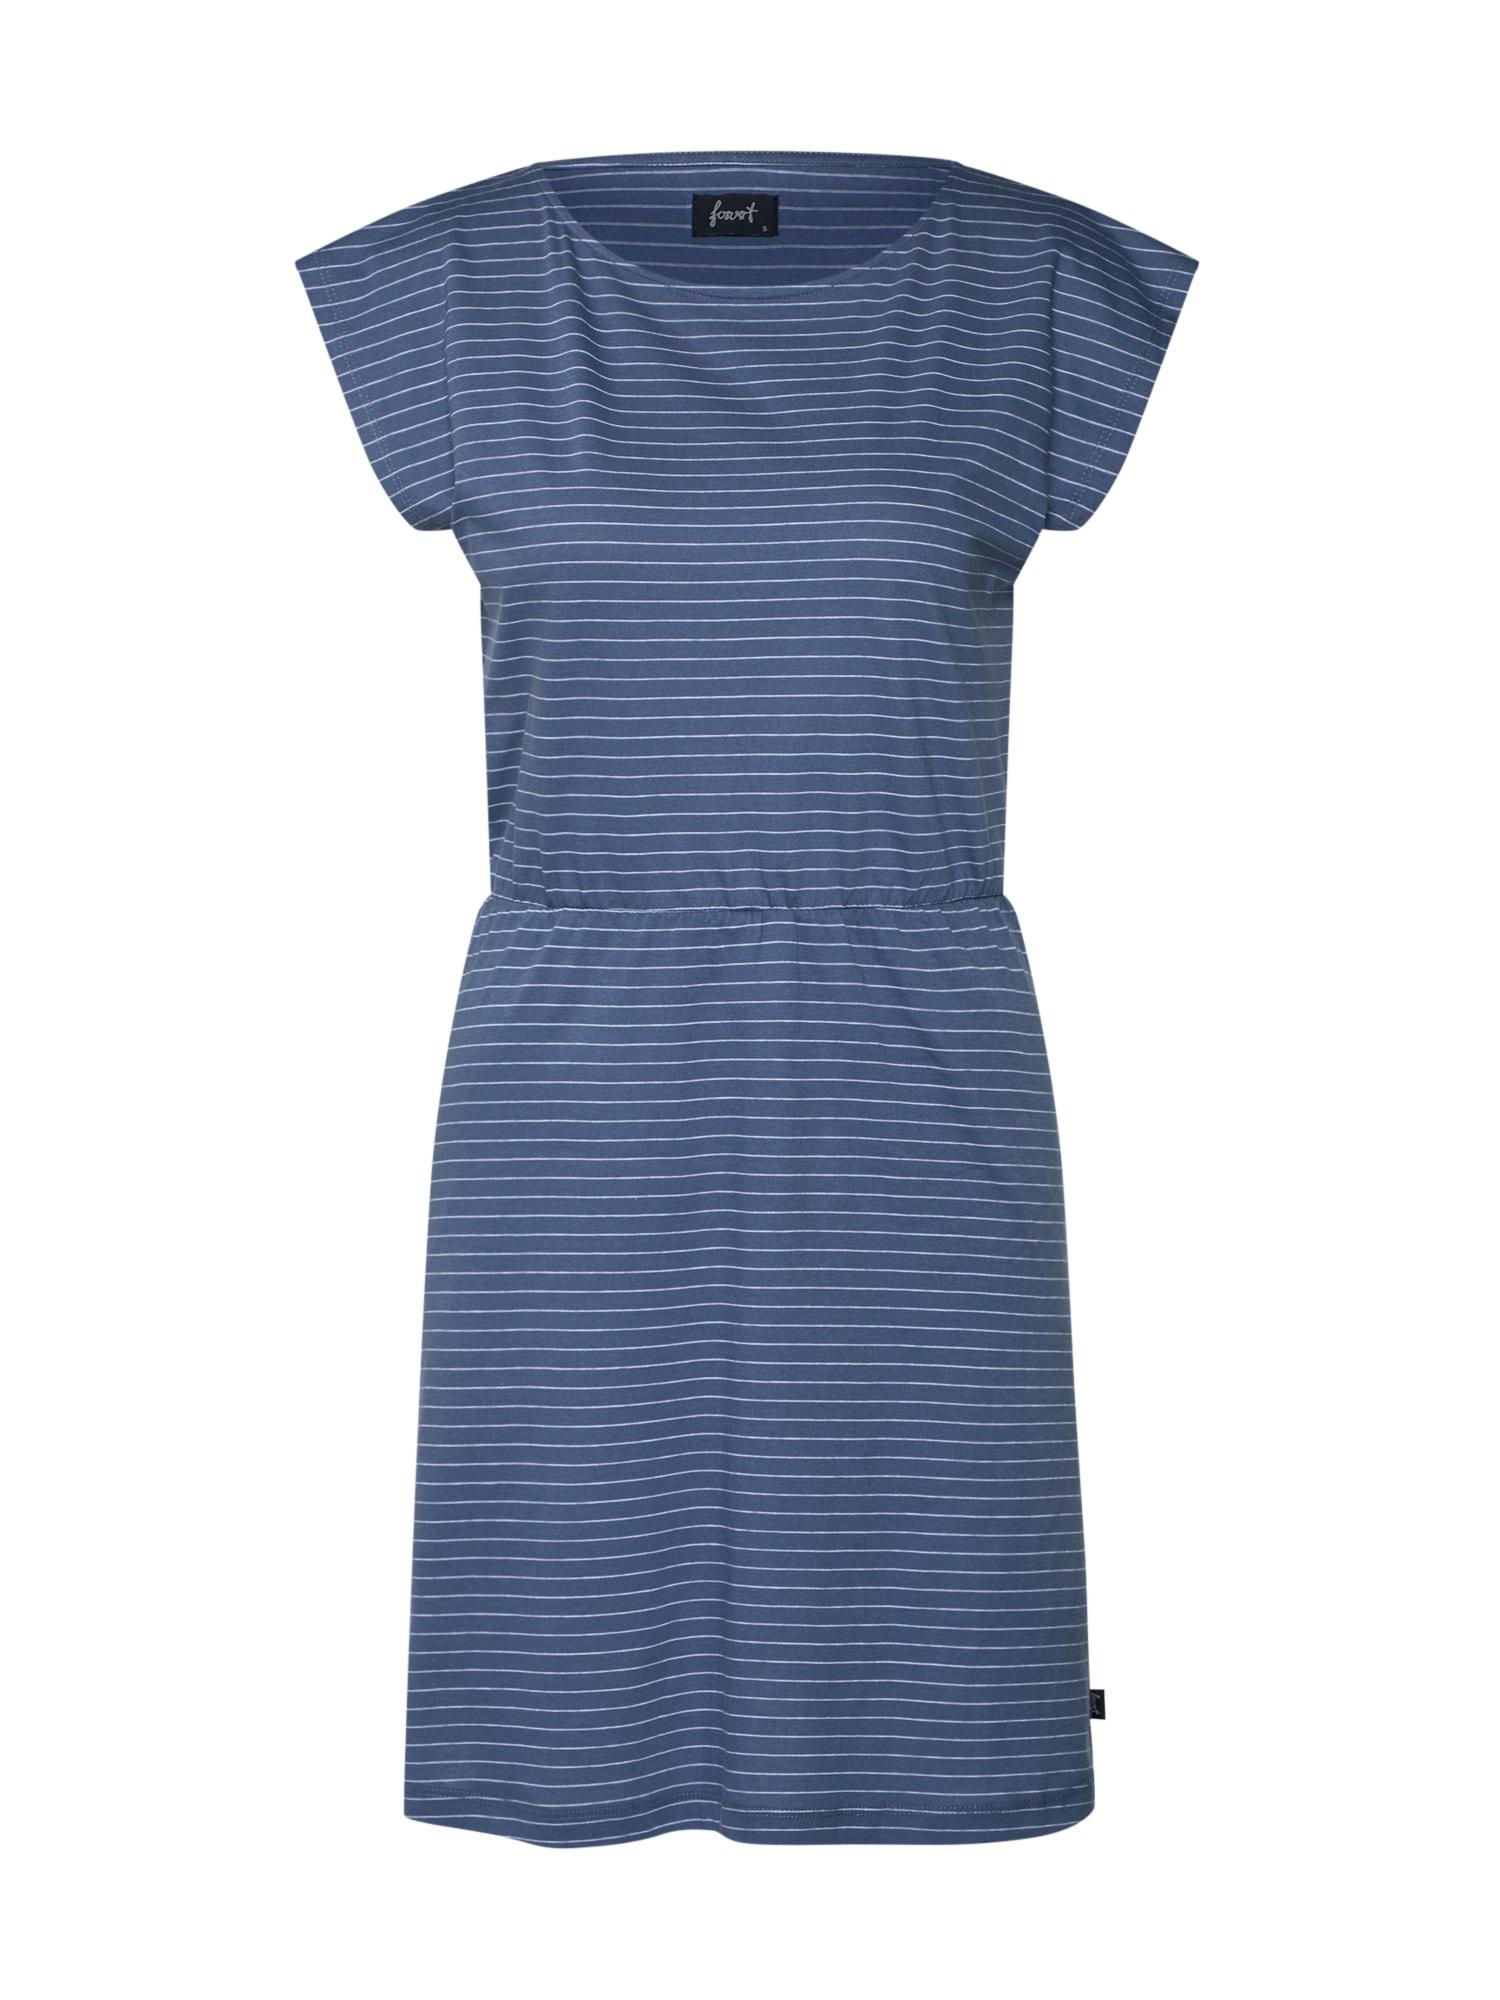 Letní šaty Ereka indigo bílá Forvert